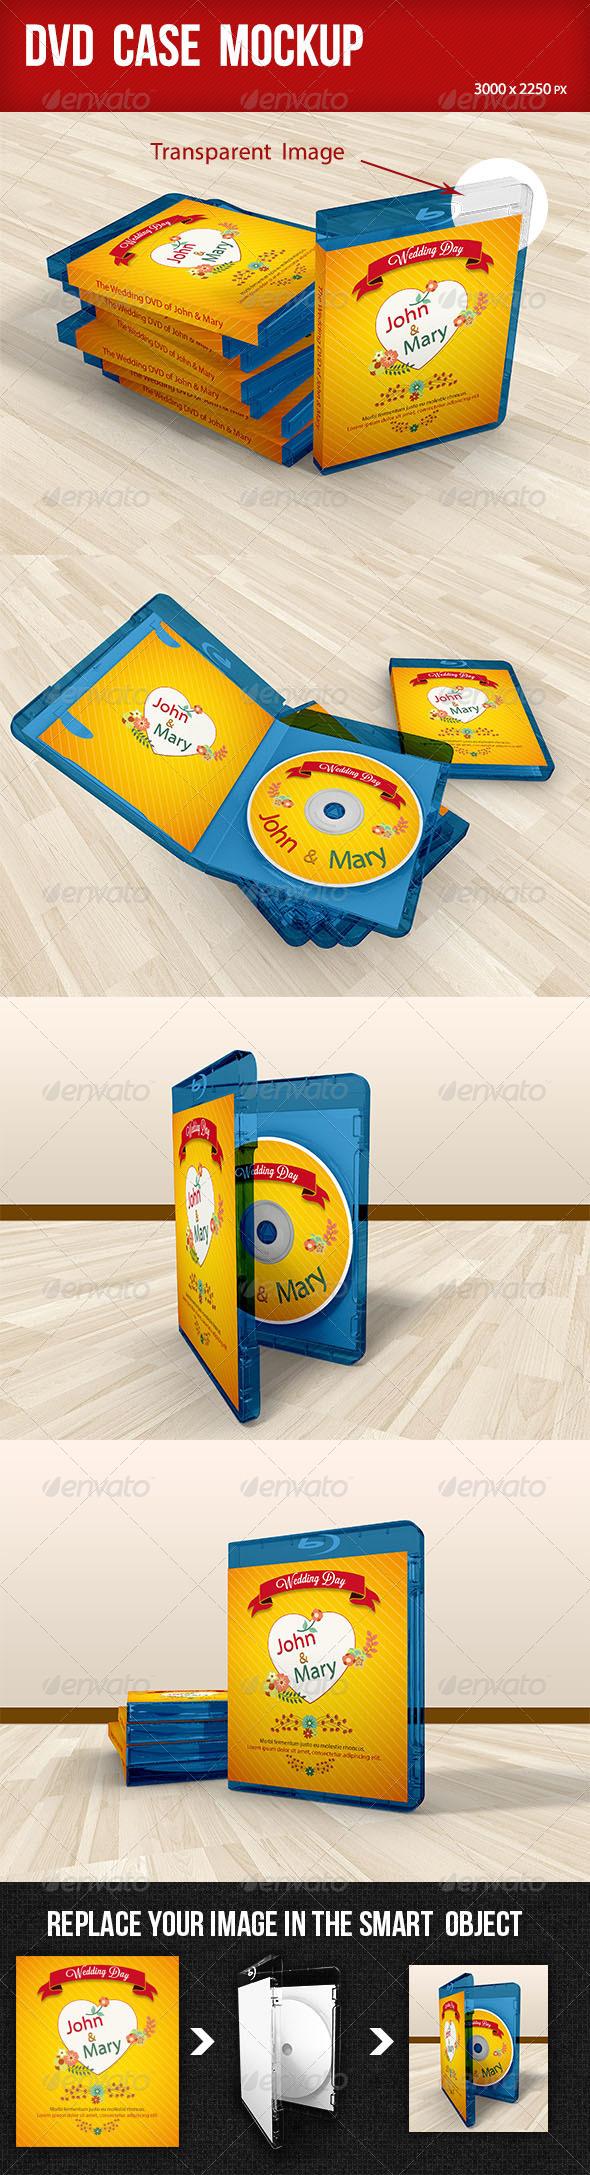 GraphicRiver DVD Case Mockup 7892099